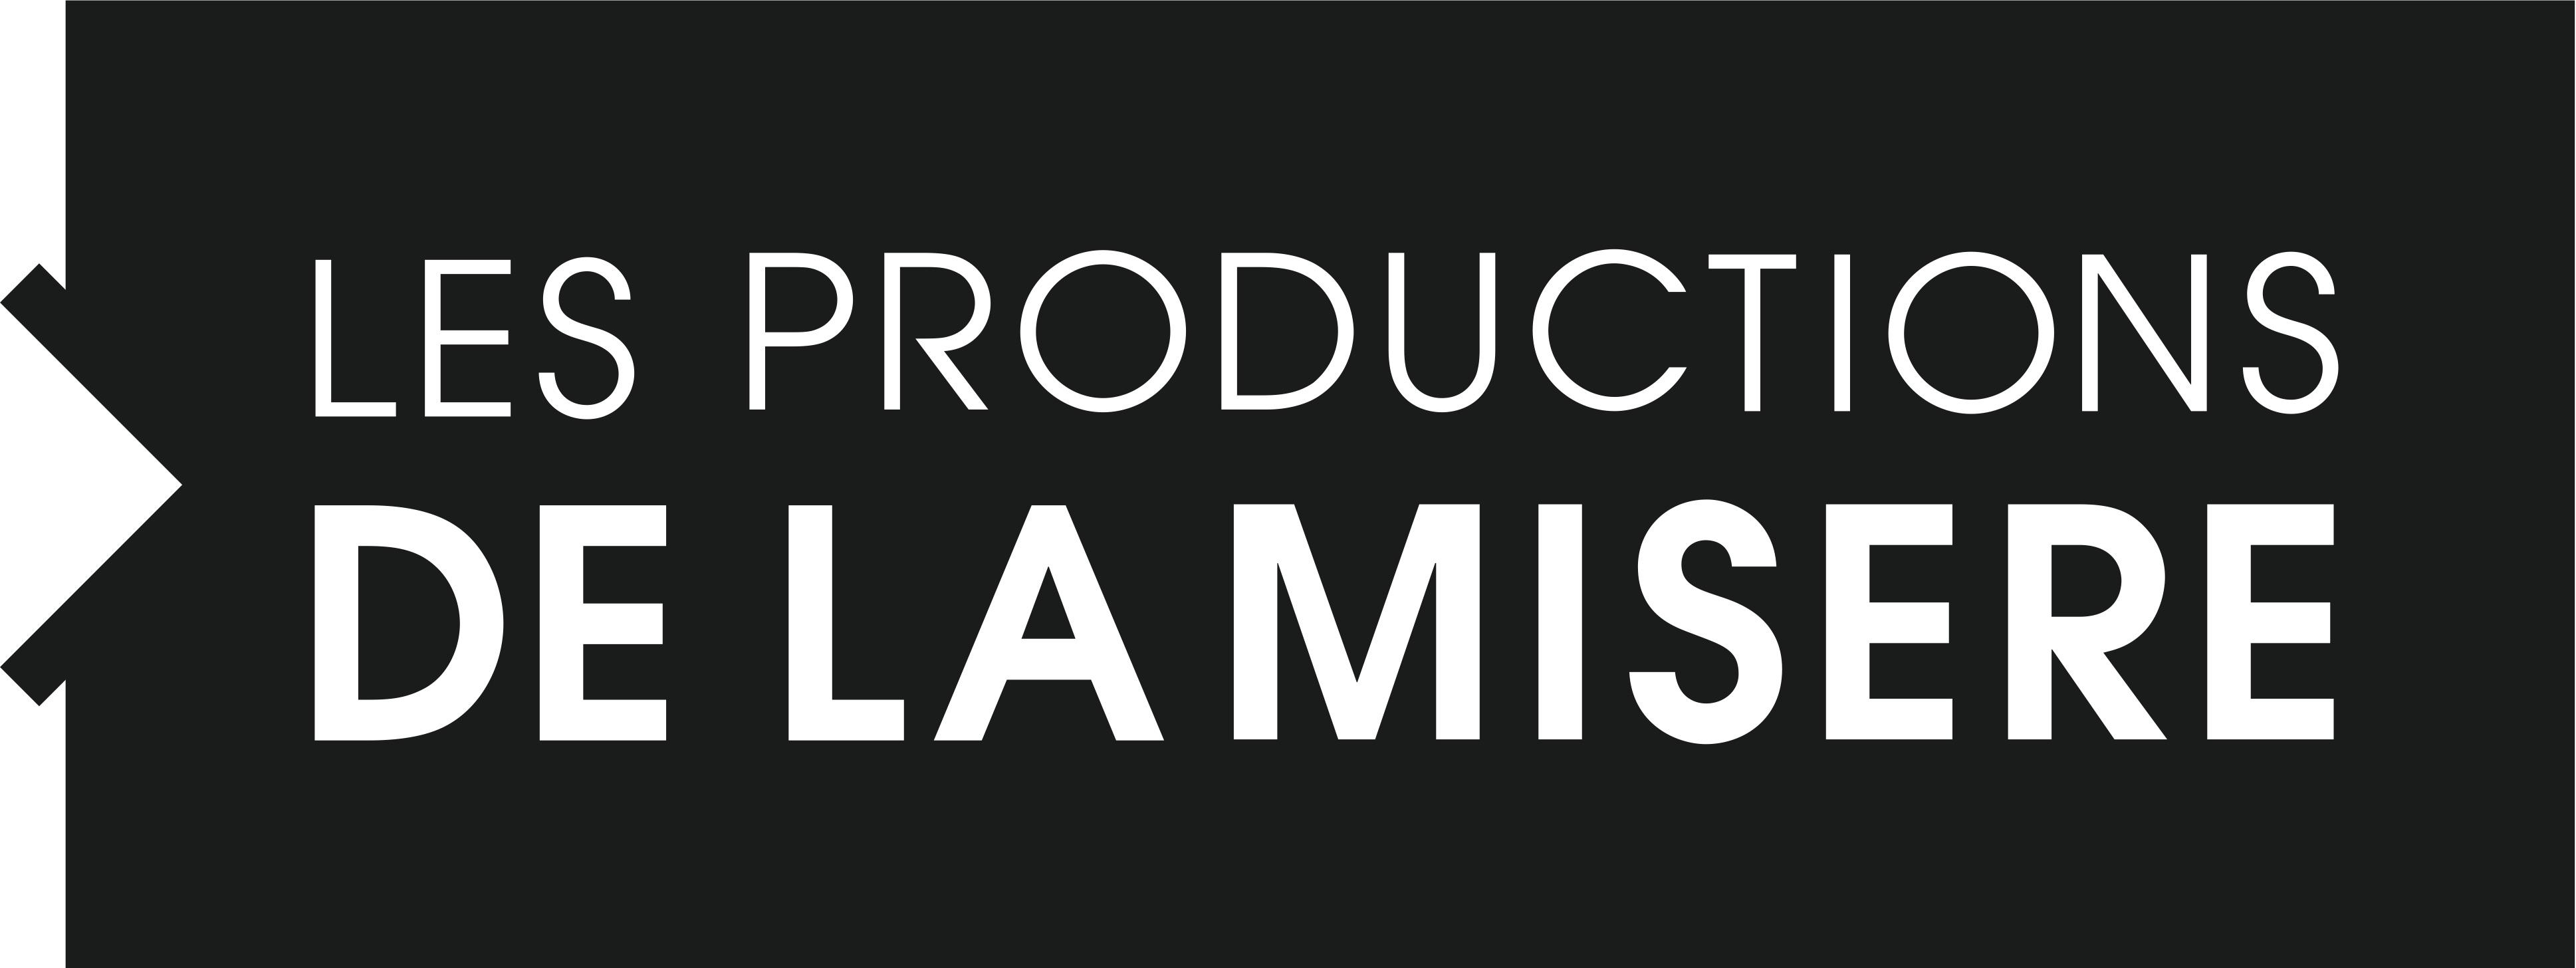 Les Productions de la Misère